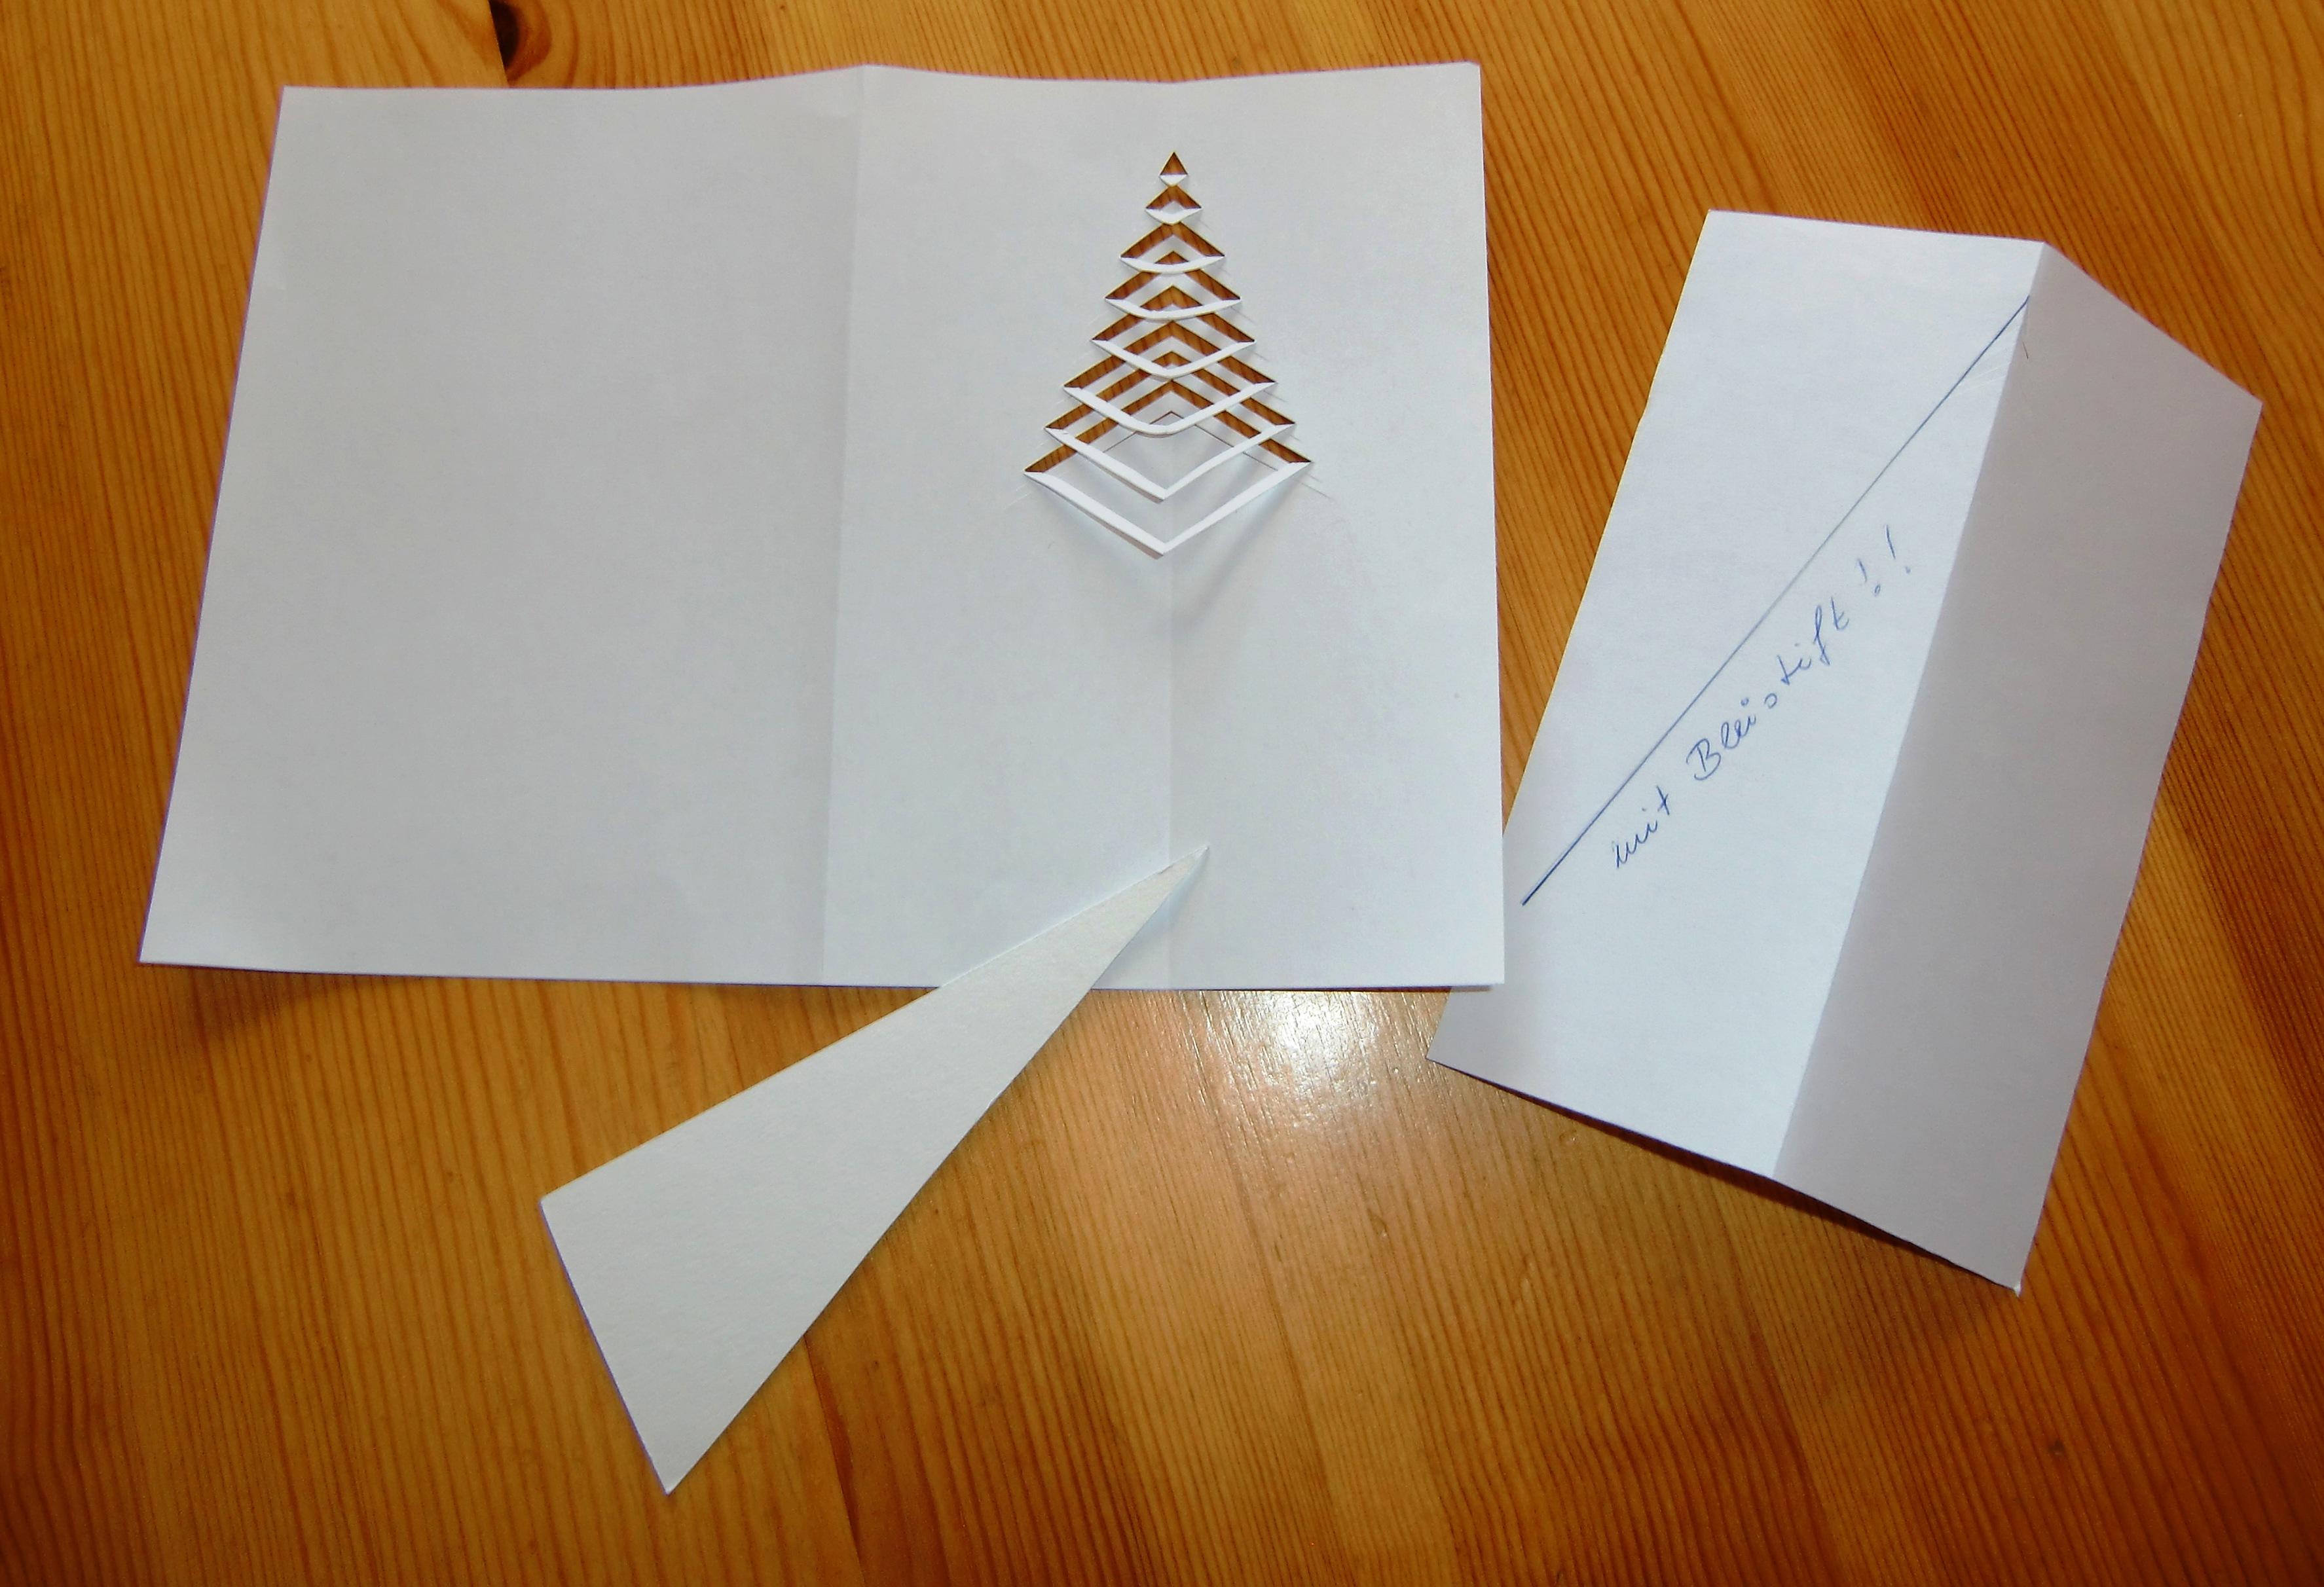 Ideen weihnachtskarten weihnachten karten - Weihnachtskarten ideen ...